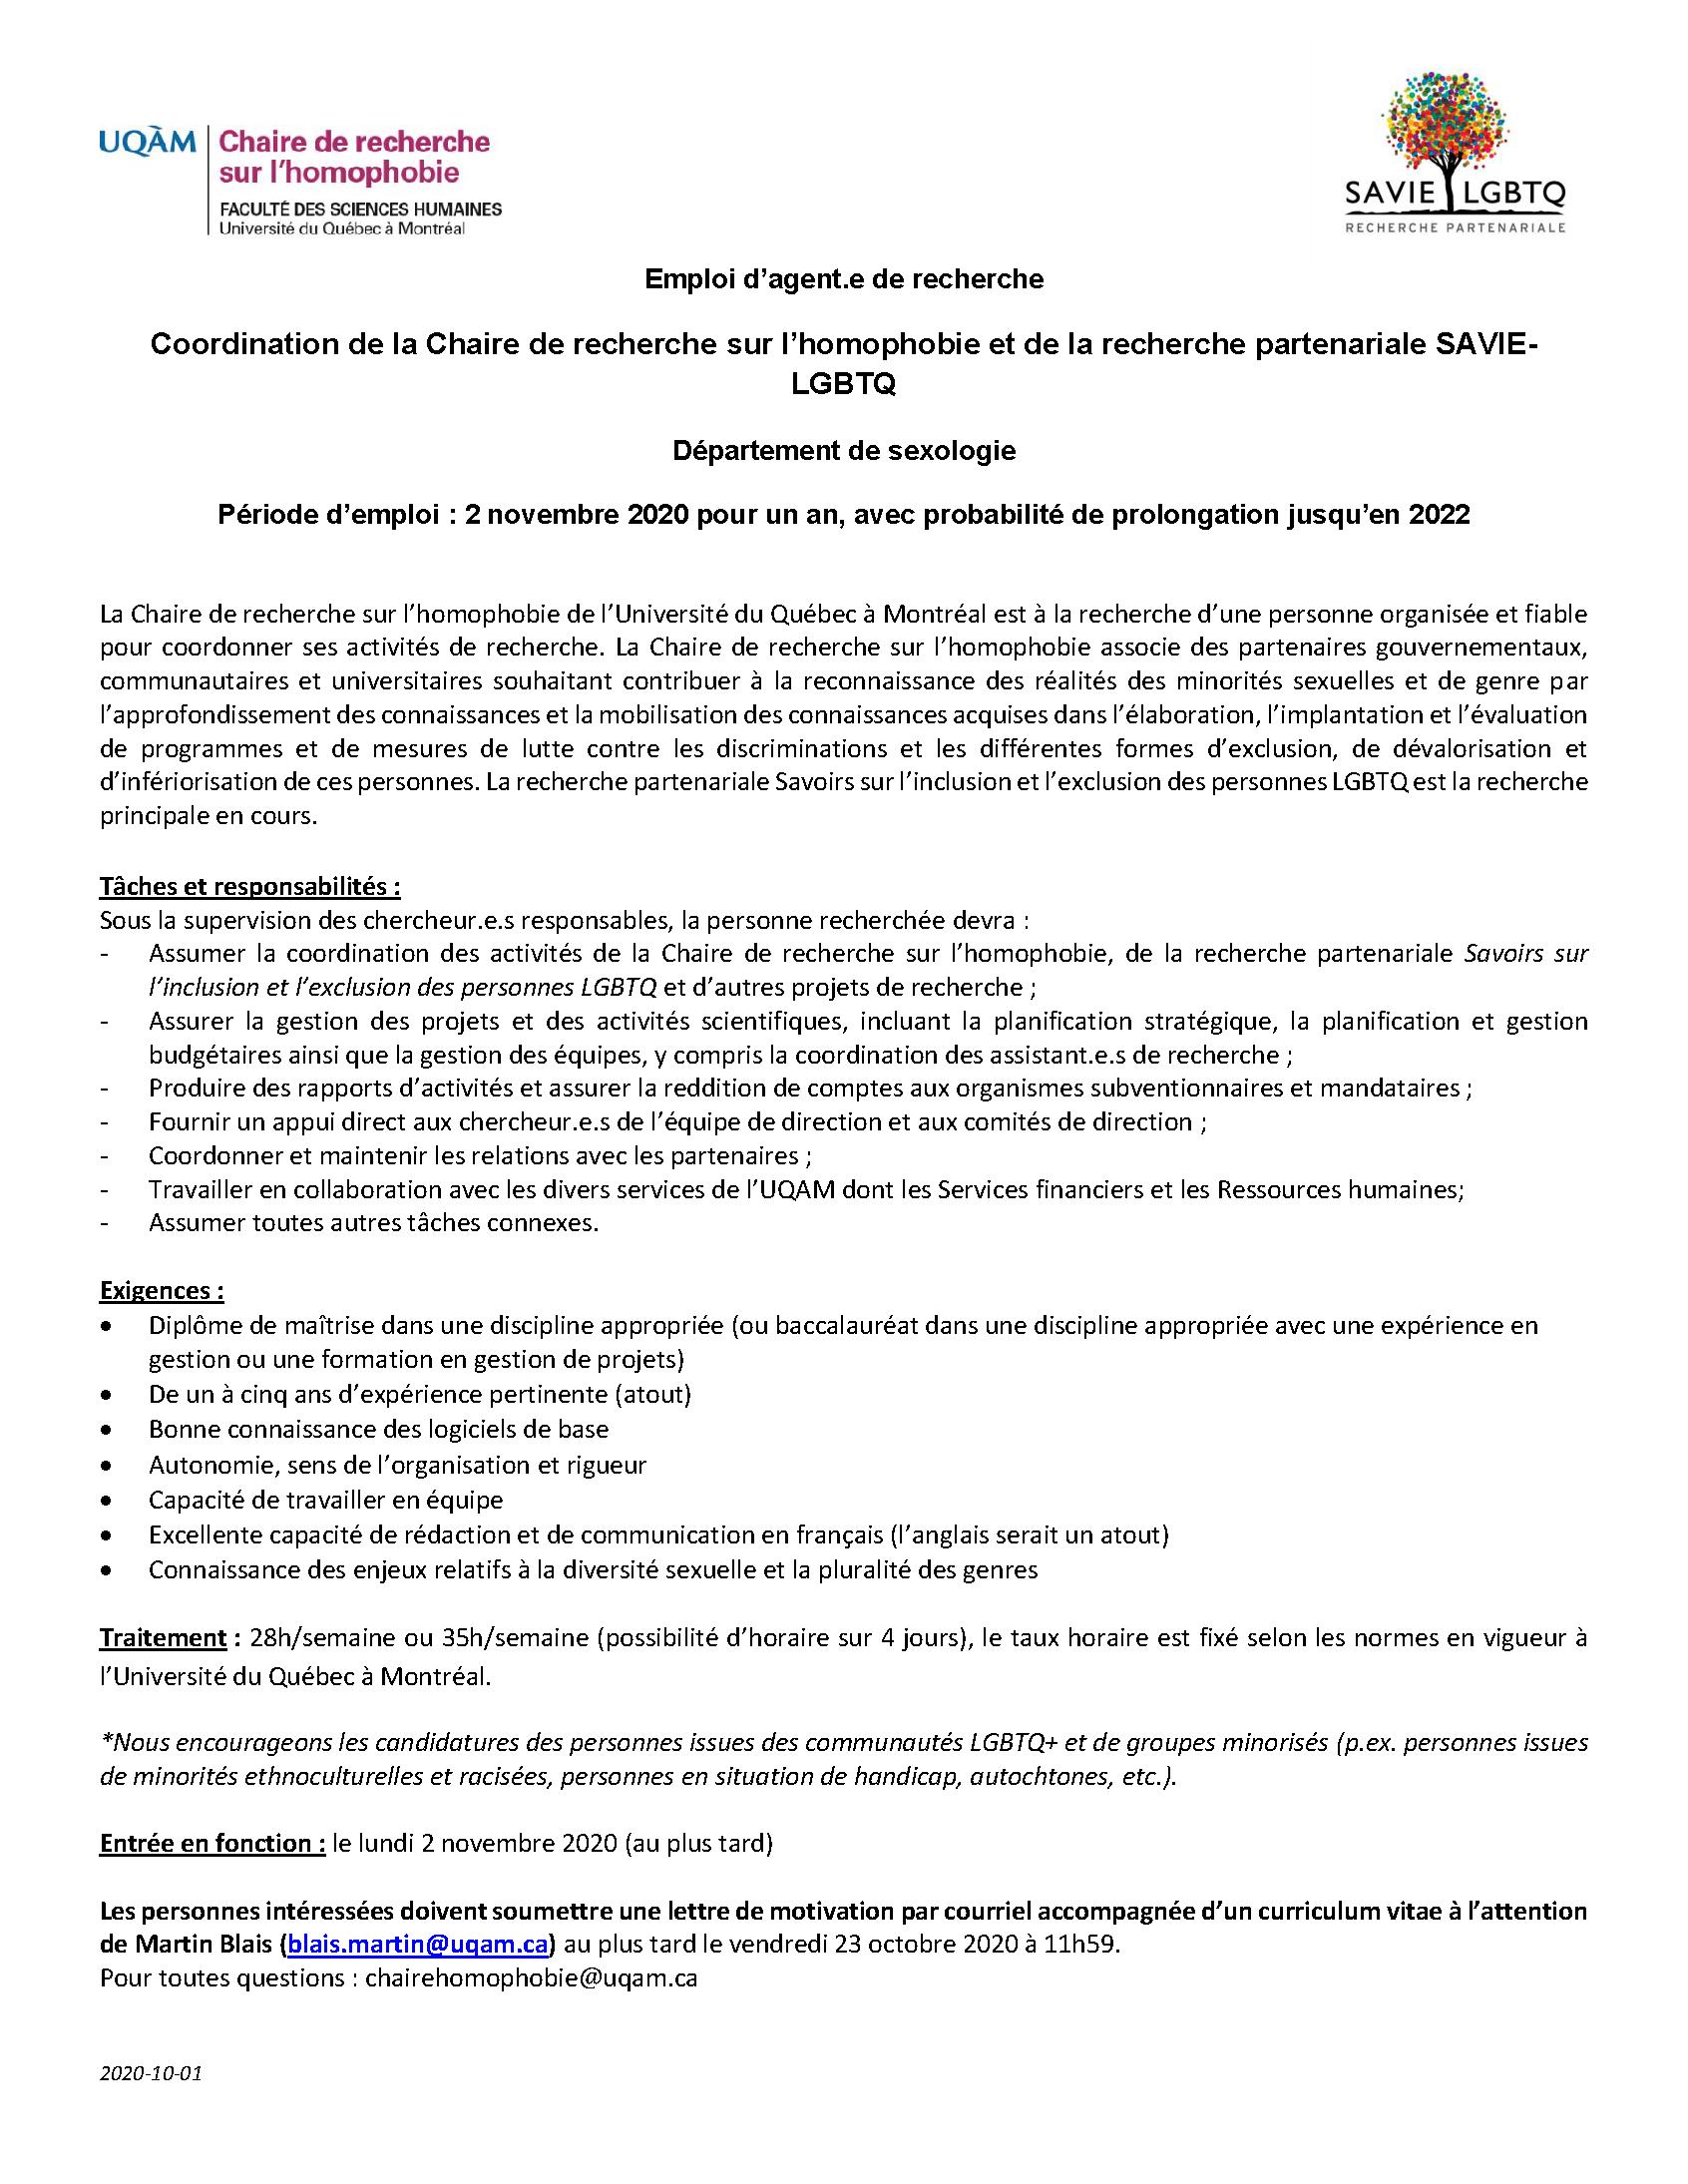 Offre d'emploi   Coordination de la Chaire de recherche sur l'homophobie et de la recherche partenariale SAVIE-LGBTQ